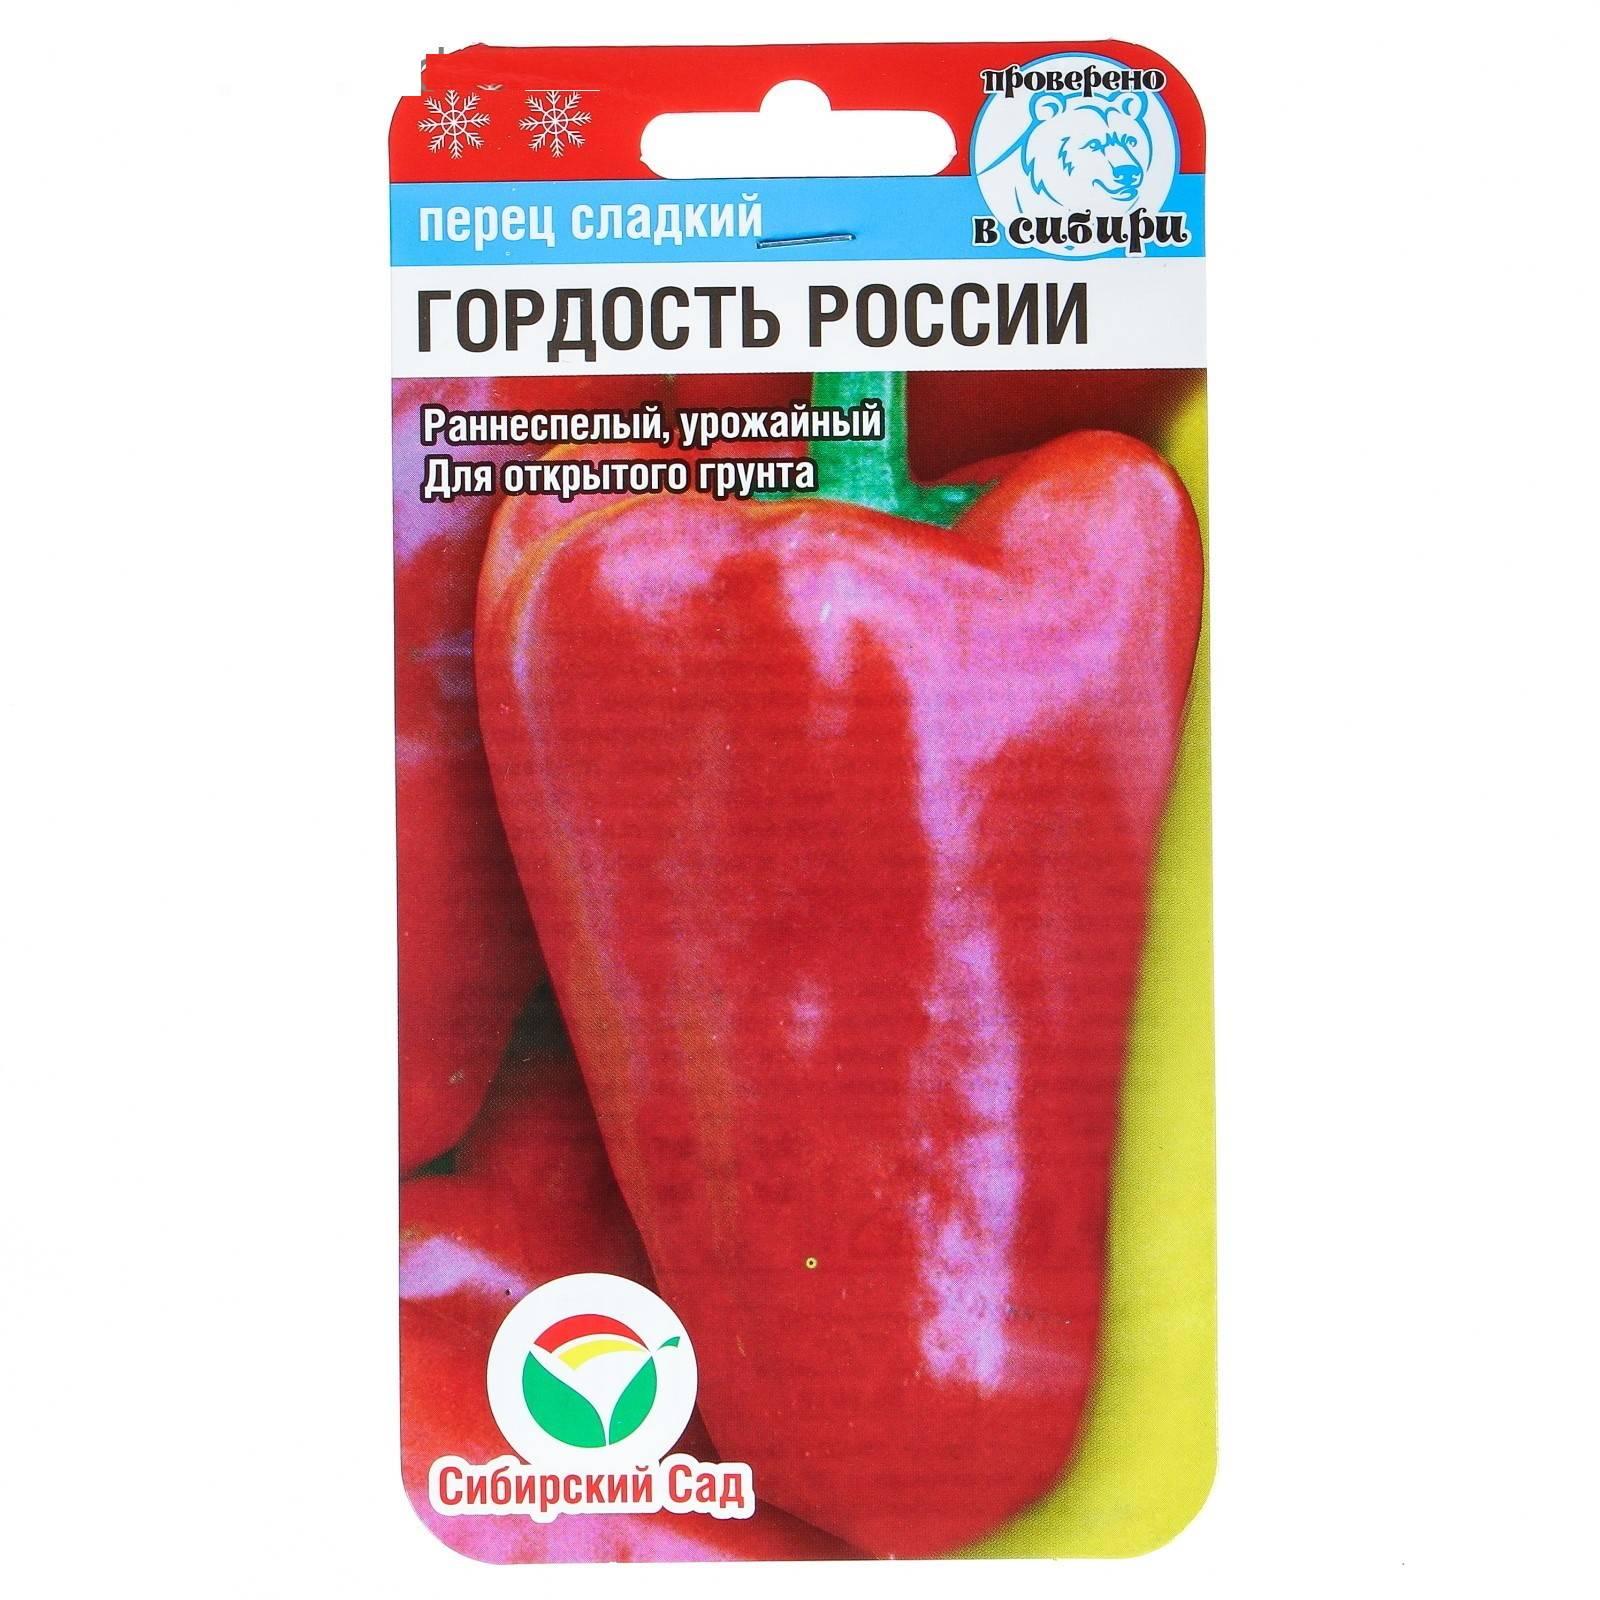 Перец гордость россии: отзывы, фото, урожайность, описание сорта